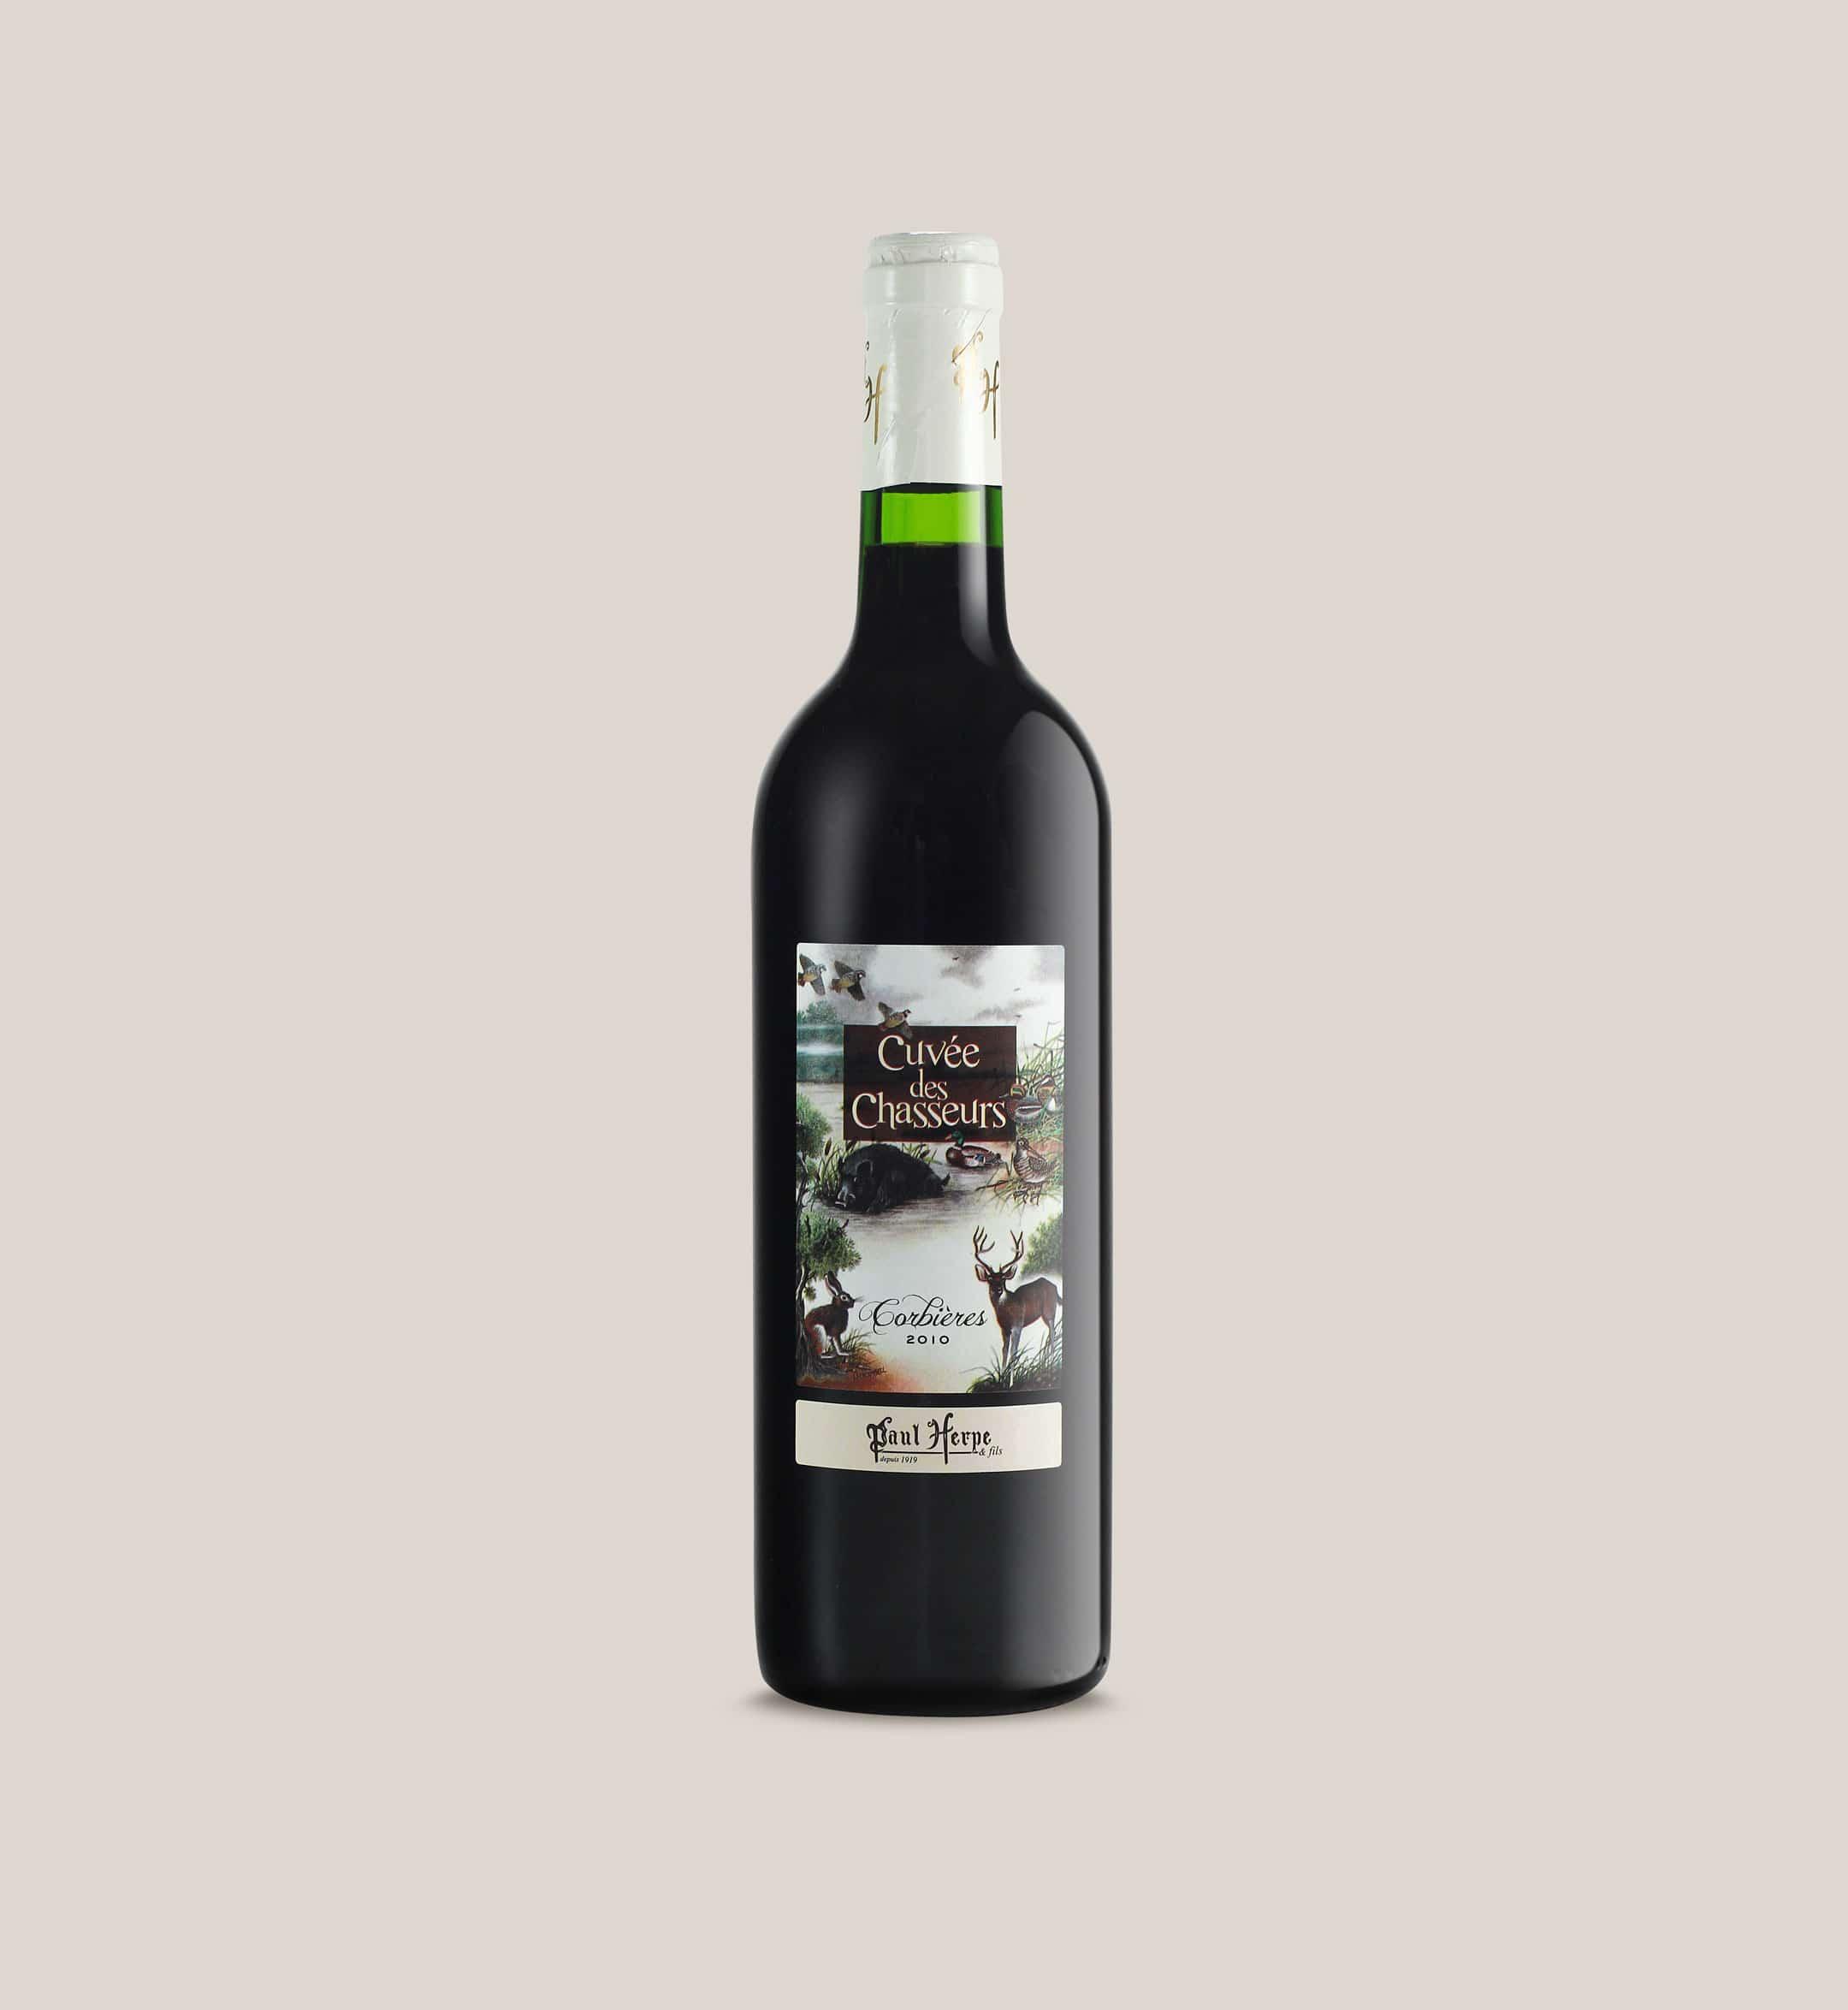 Cuvée des chasseurs AOC corbieres bouteille vin rouge - Paul-Herpe